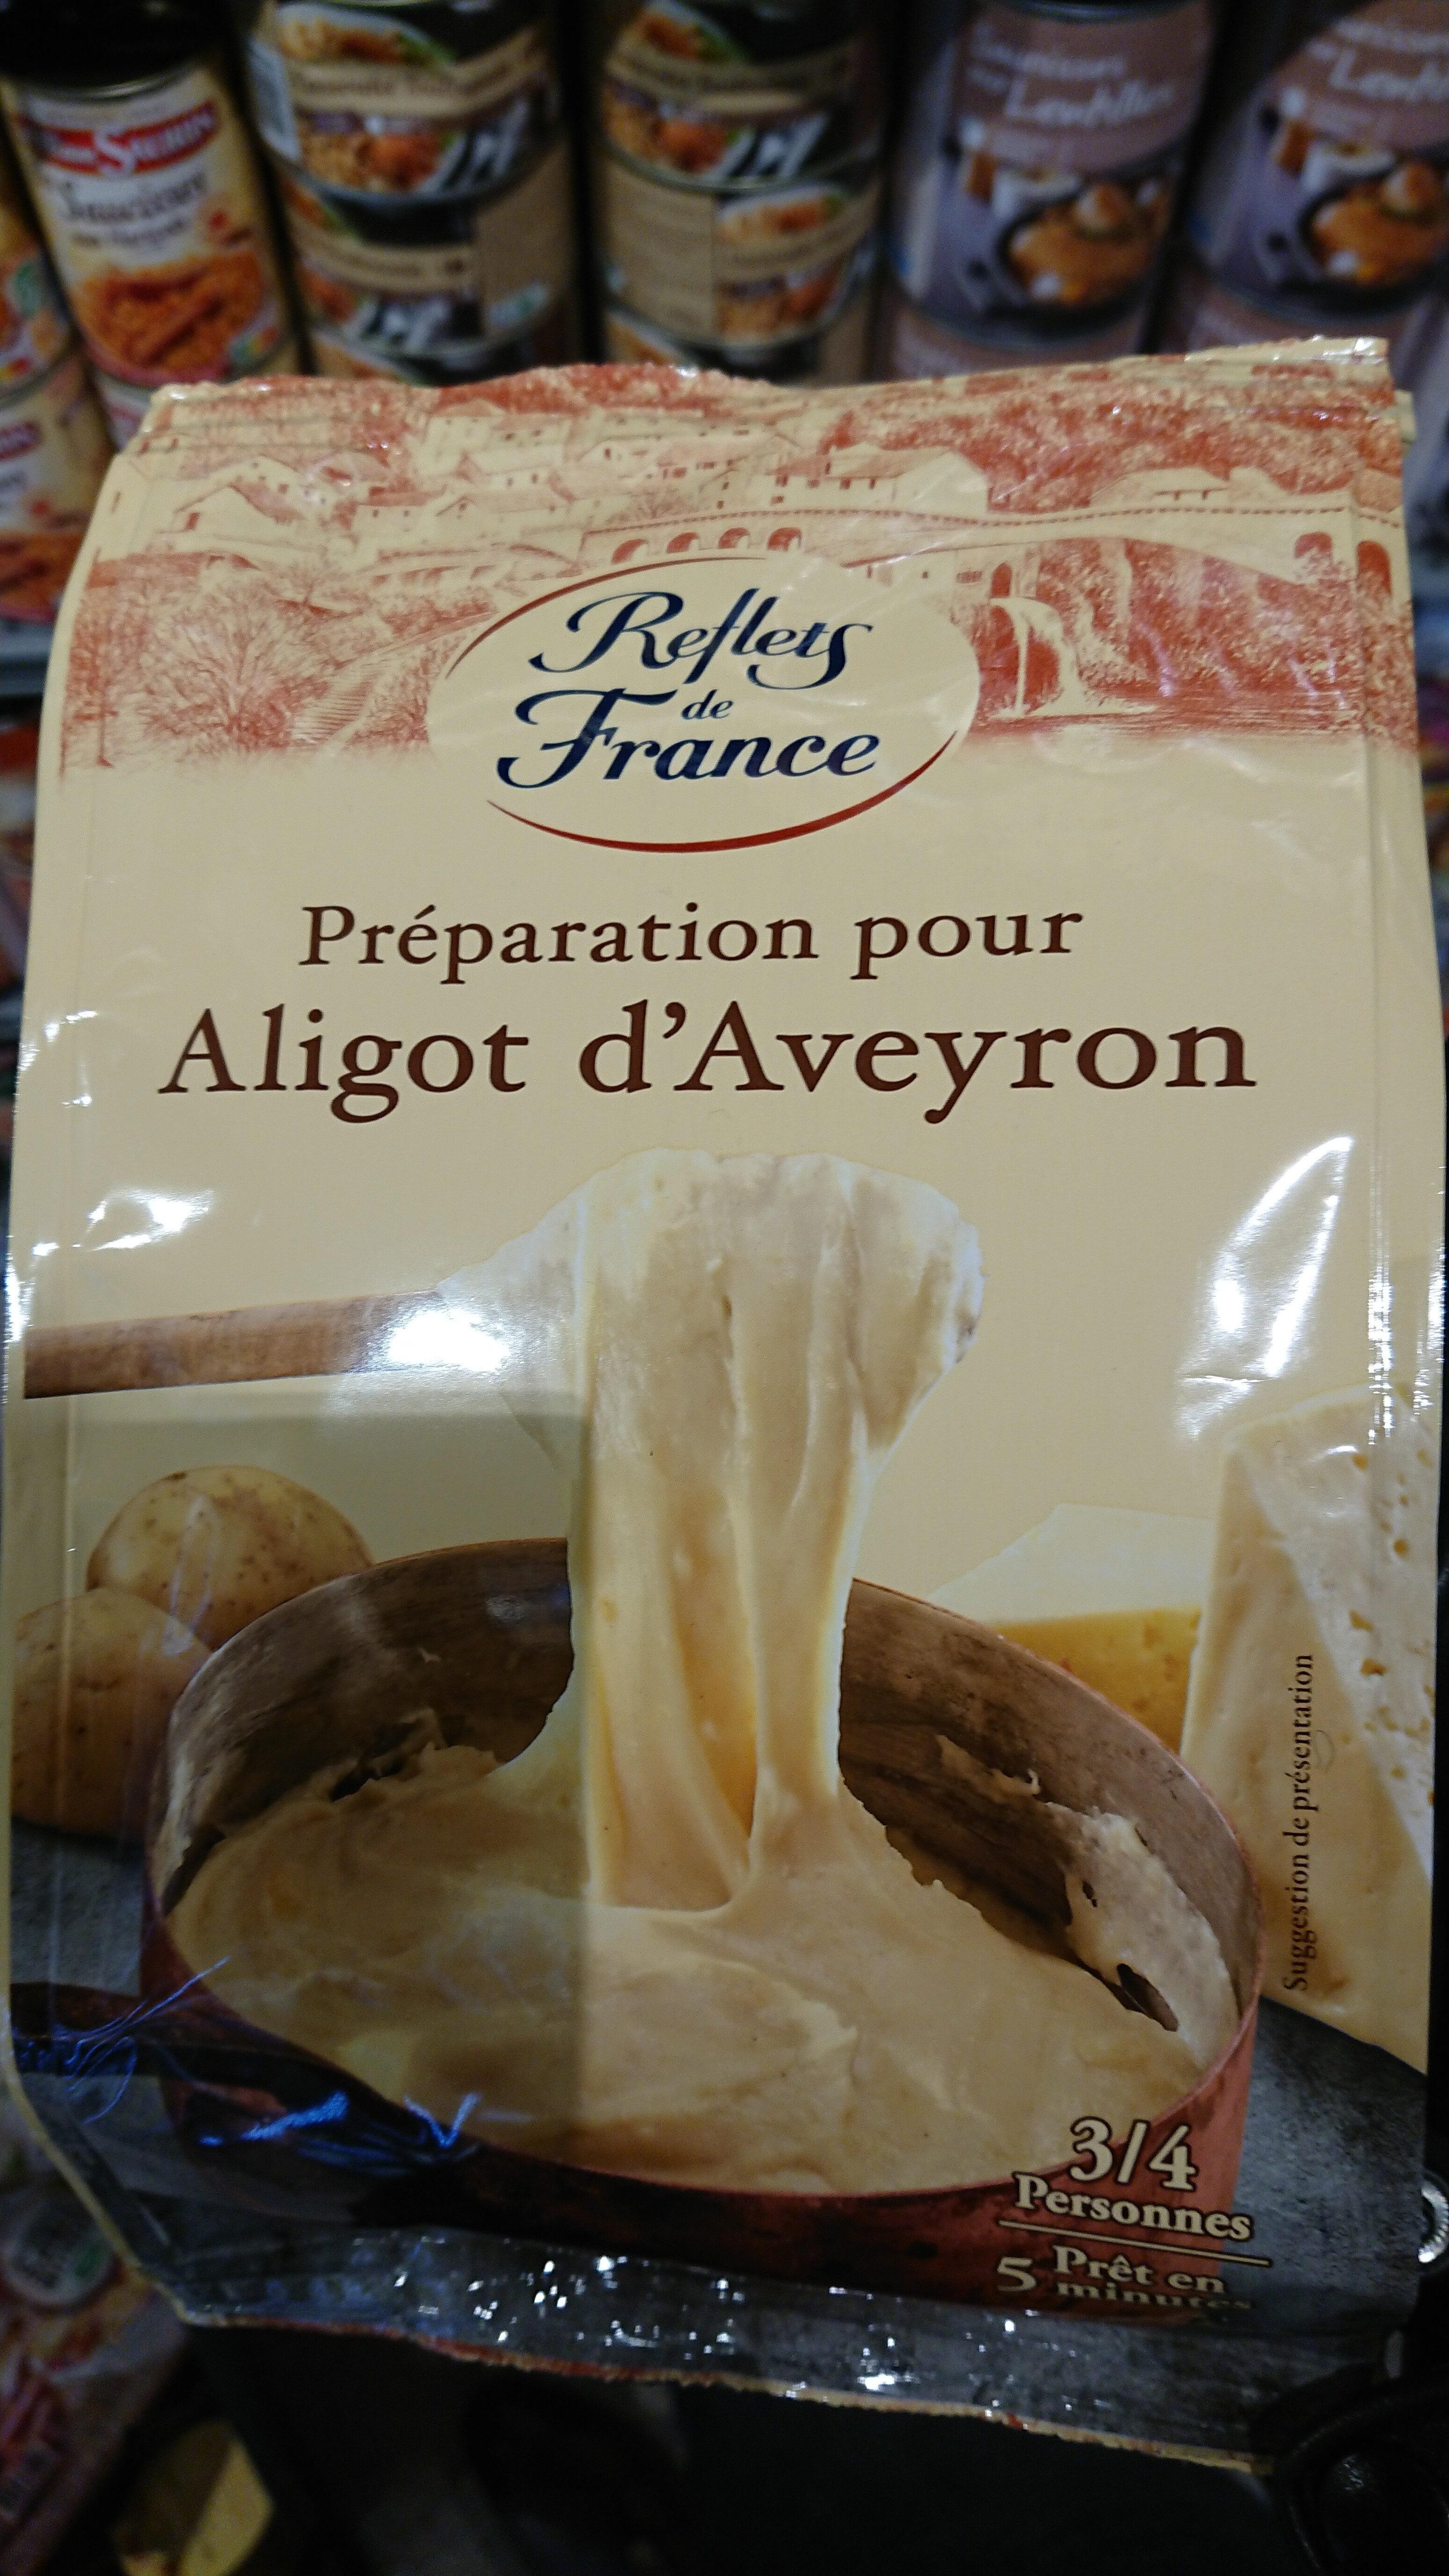 185G Aligot D'aveyron Reflets De France - Produit - fr